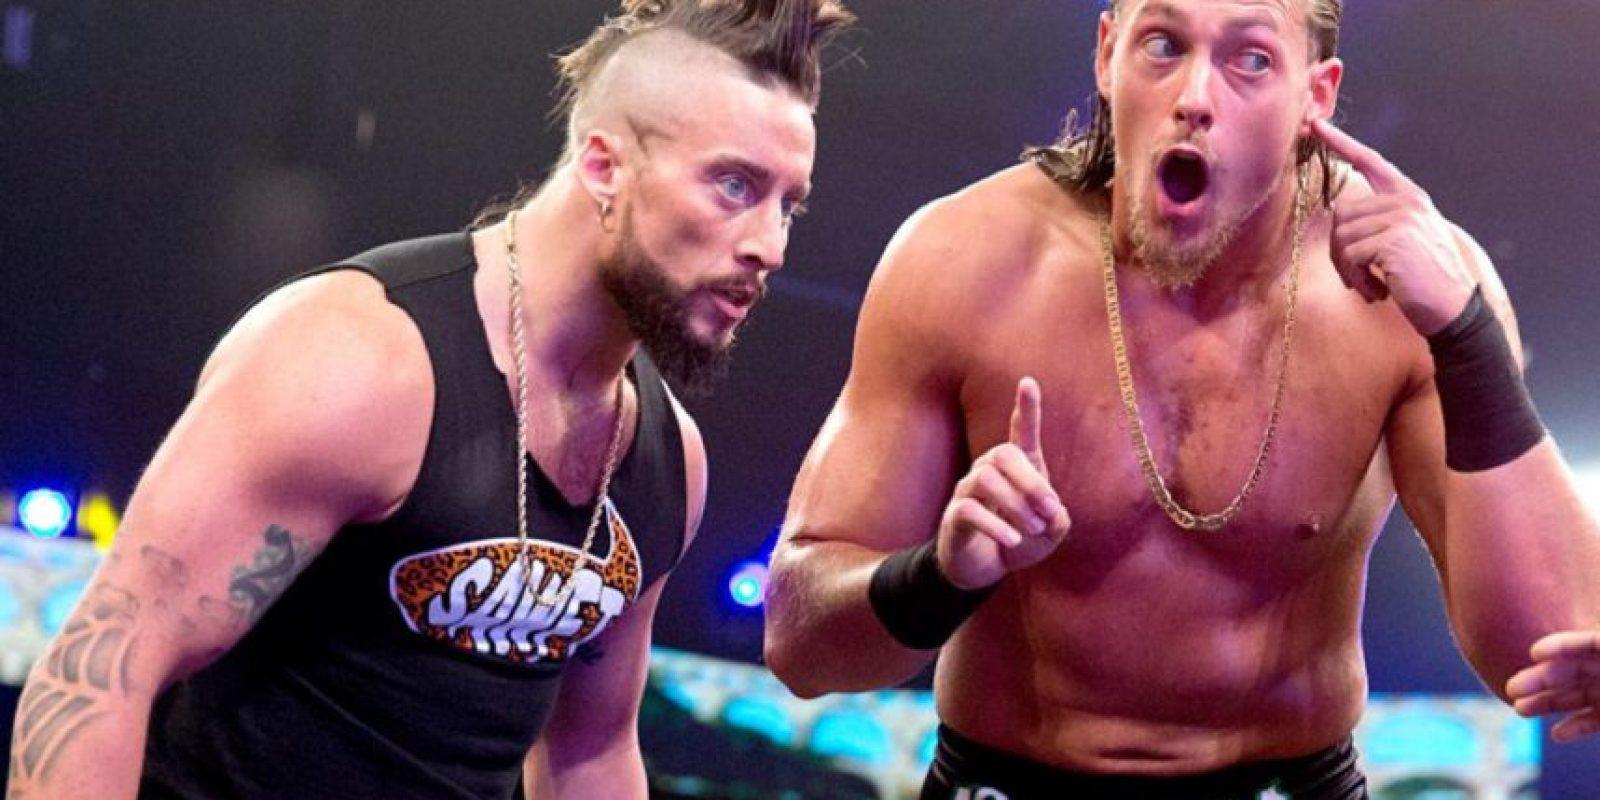 Se medirán con Enzo Amore y Colin Cassady. El ganador tendrá una oportunidad titular Foto:WWE